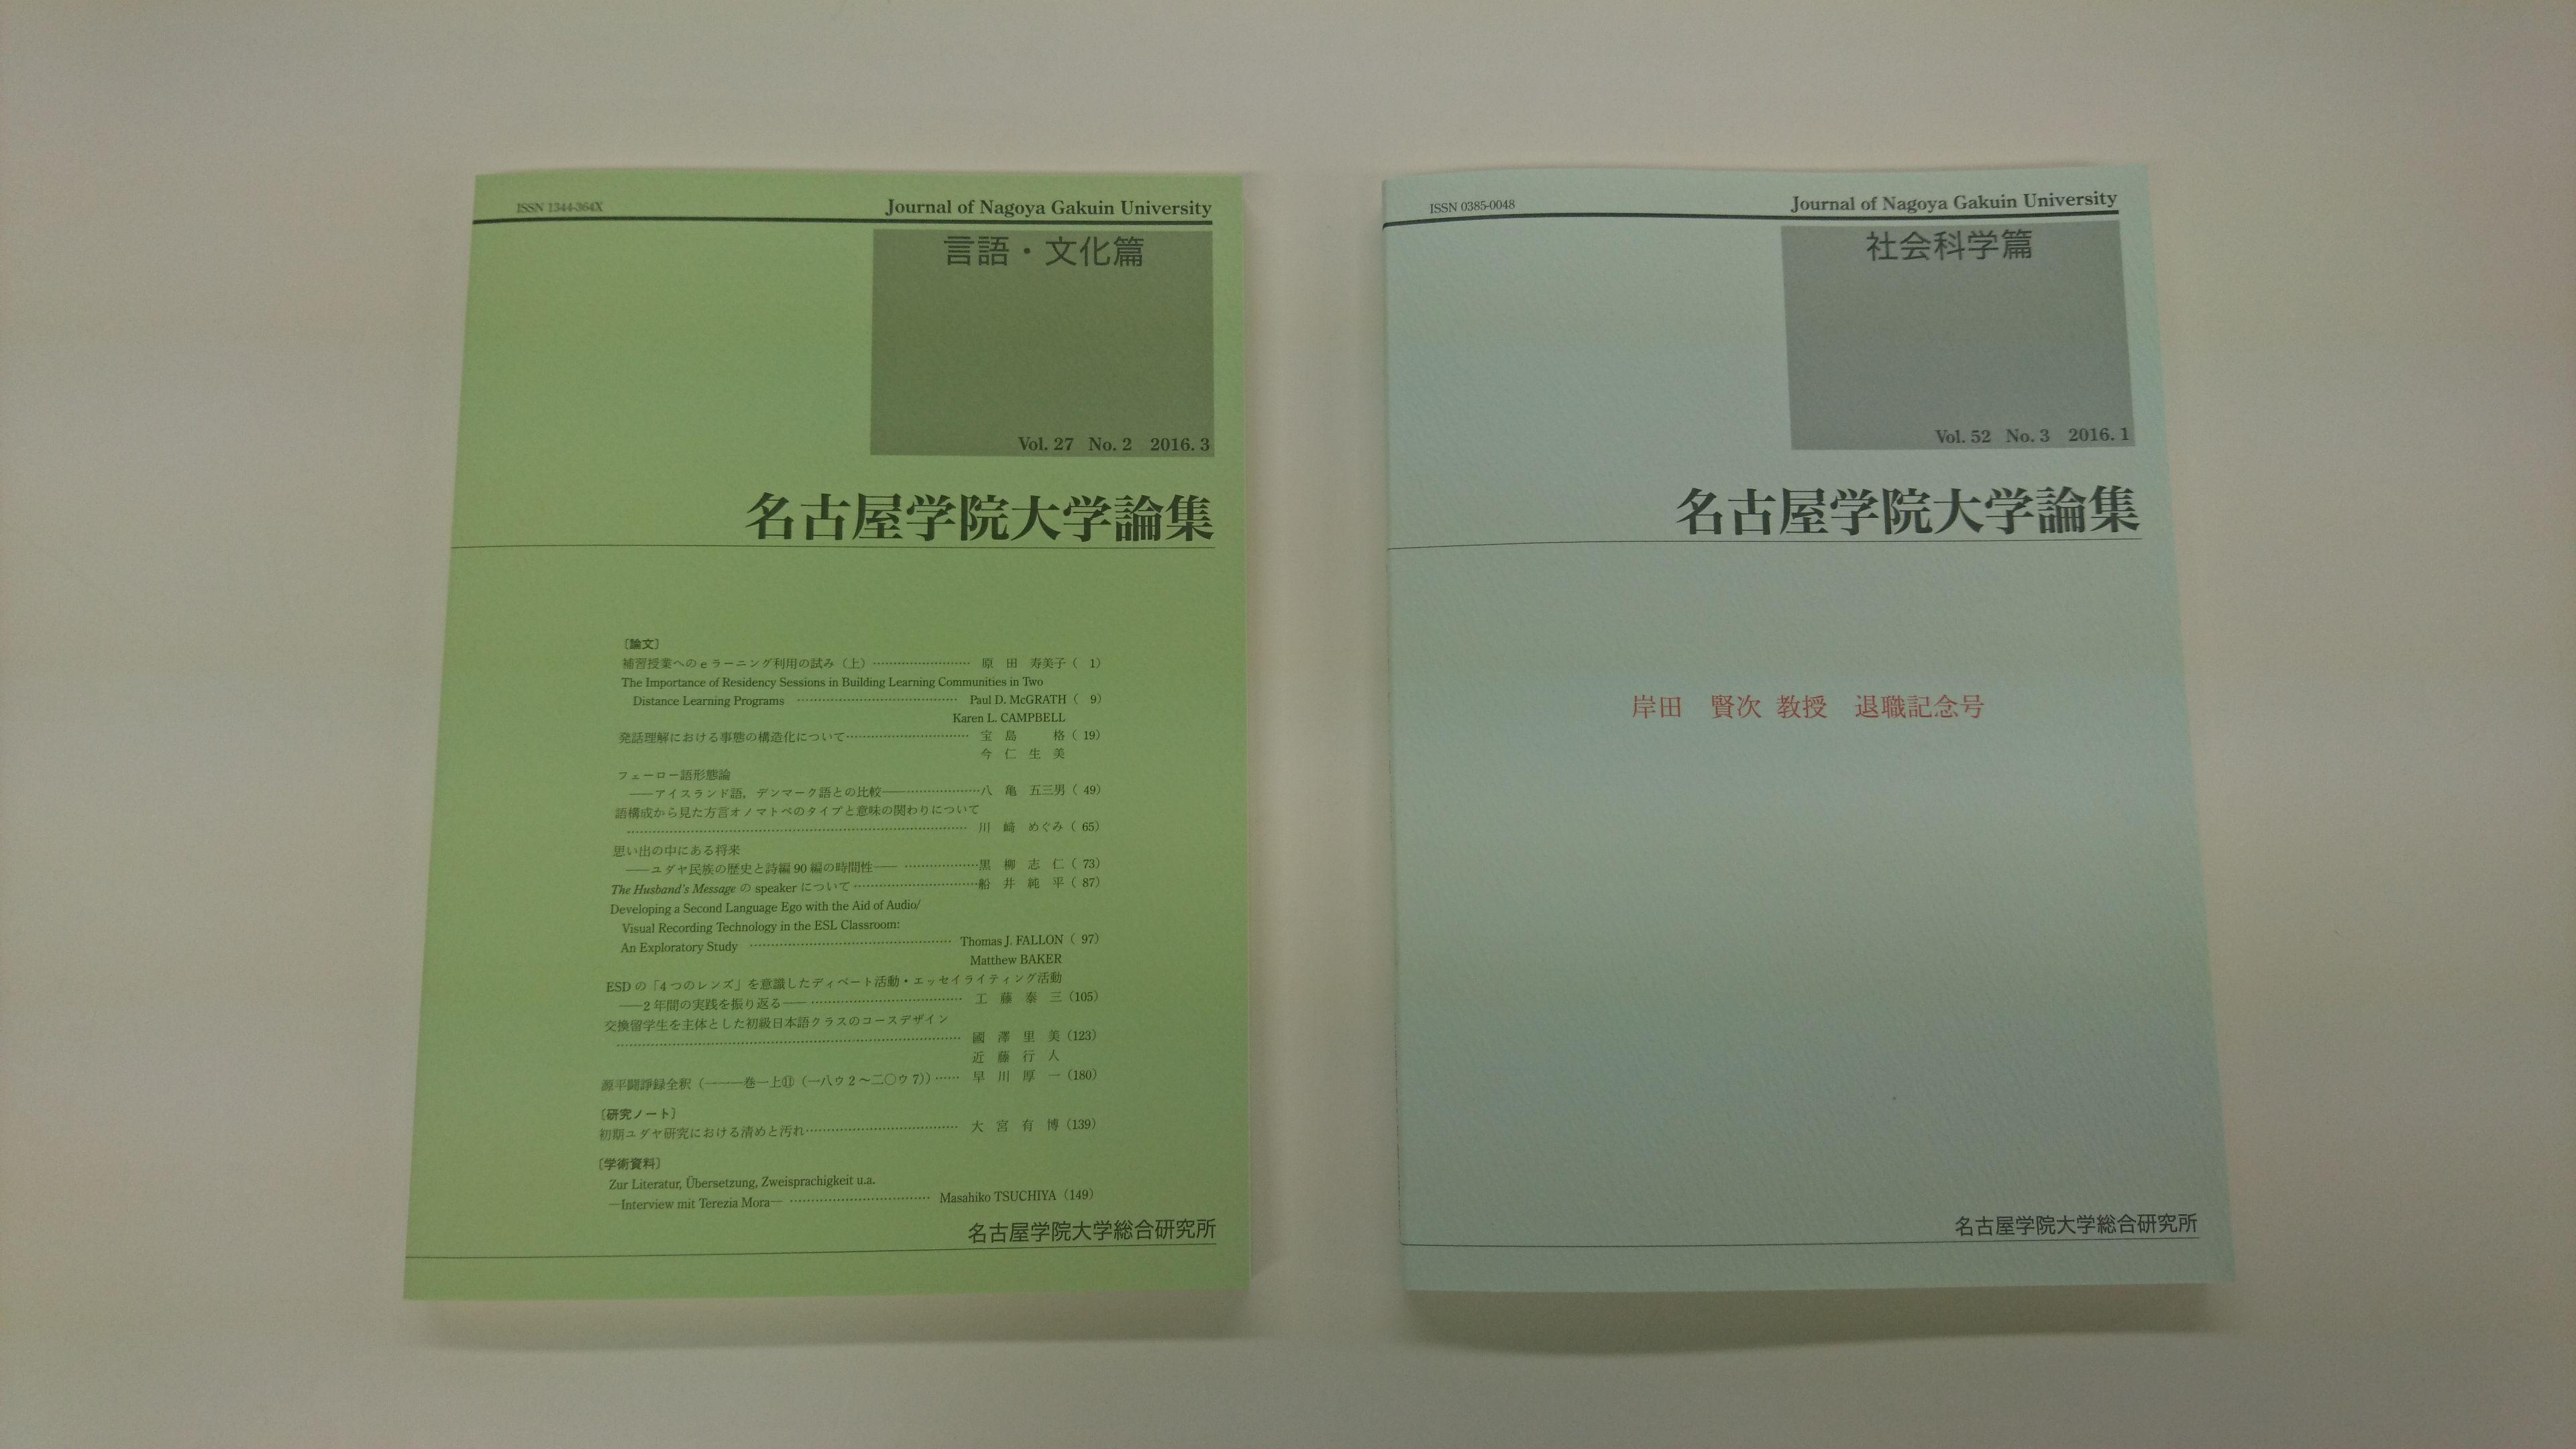 大学論集DSC_0153.JPG